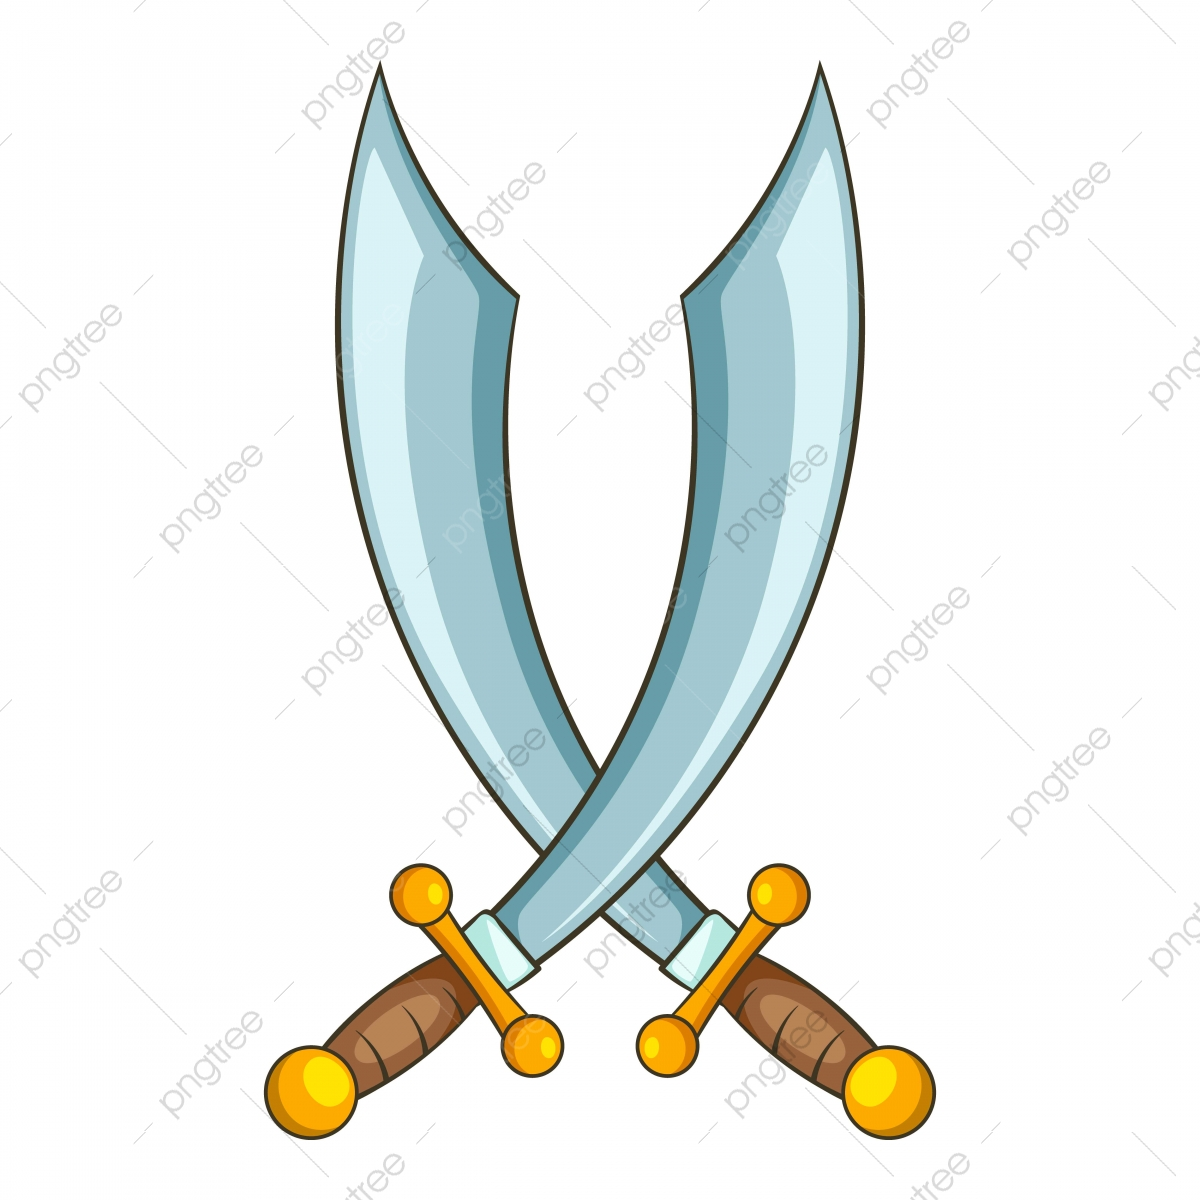 Person, die mit Schwert Fechten tut - Download Kostenlos Vector, Clipart  Graphics, Vektorgrafiken und Design Vorlagen